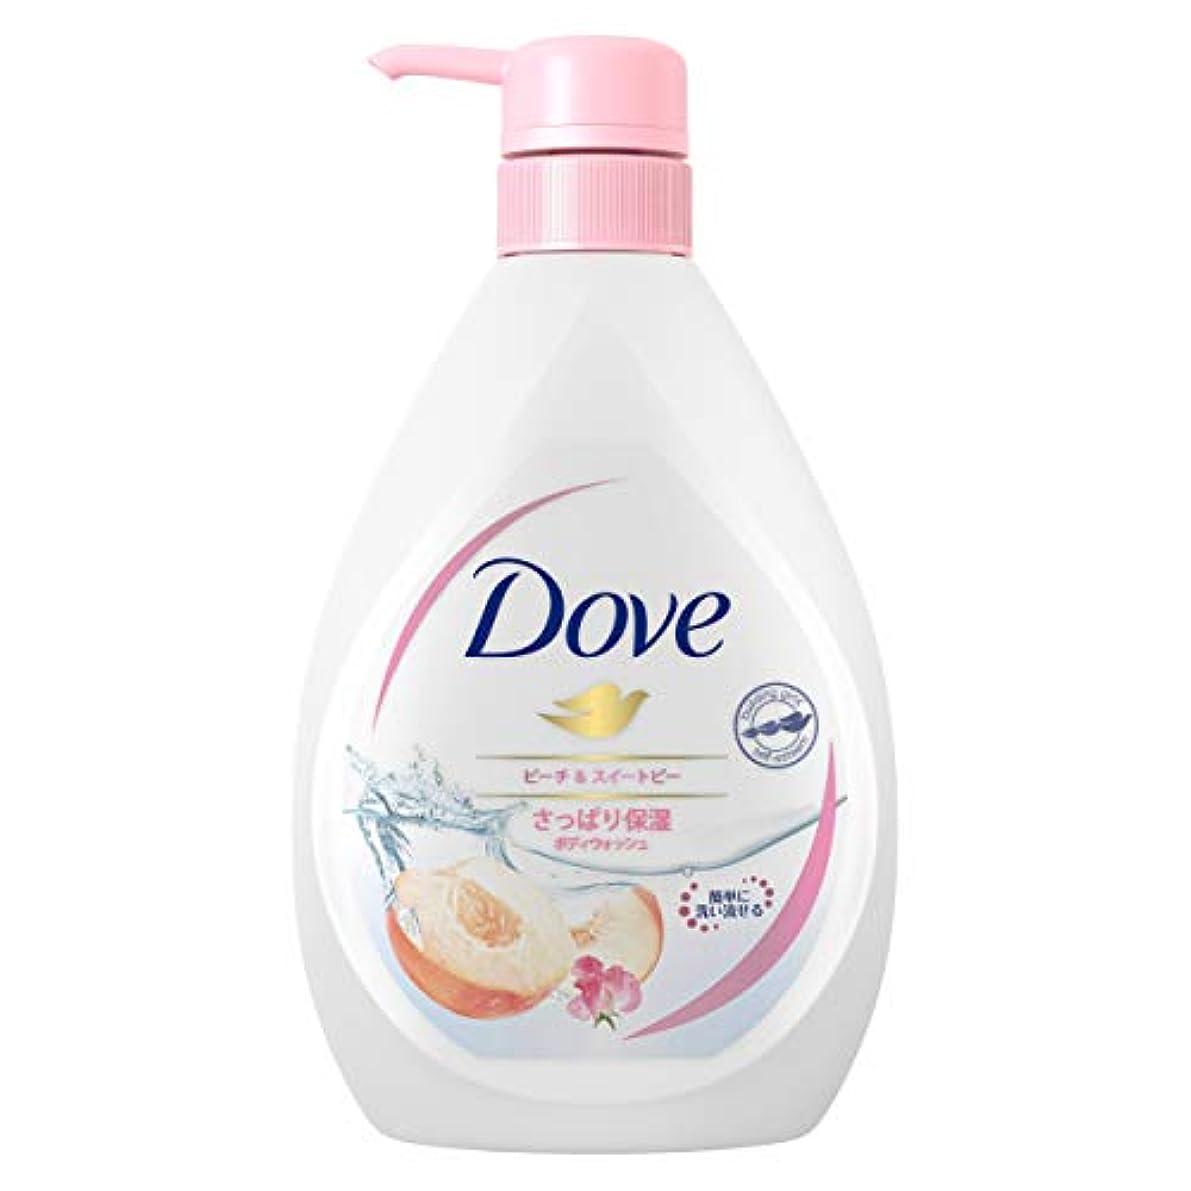 受賞スクリュー染料Dove ダヴ ボディウォッシュ ピーチ & スイートピー ポンプ 500g